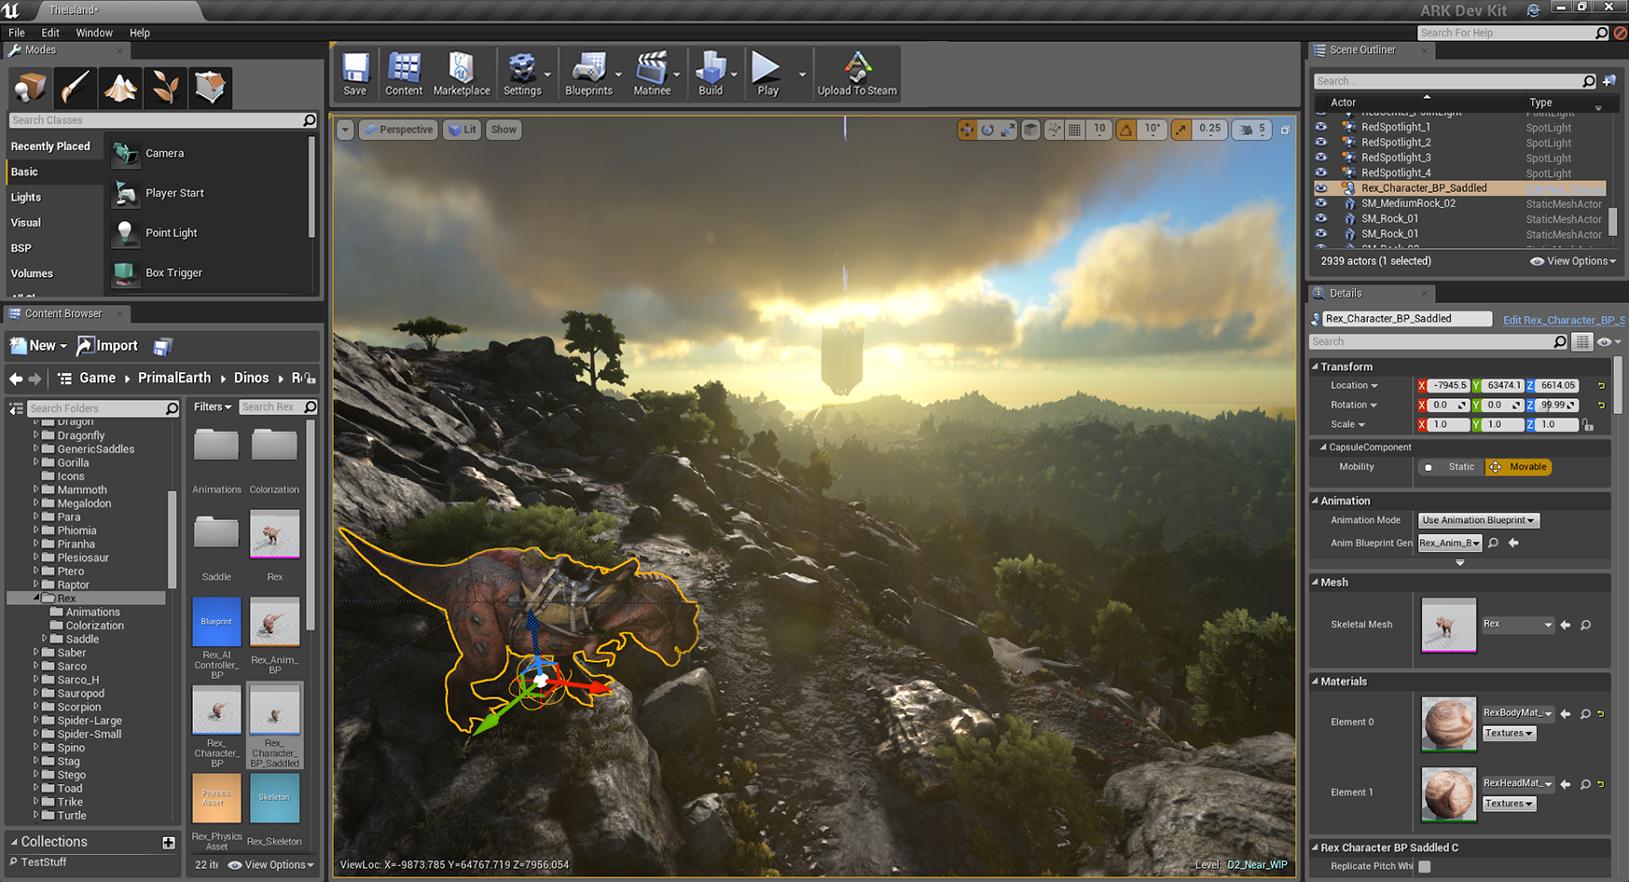 ARK: Survival Evolved :: ARK Survival Evolved Dev Kit Update!